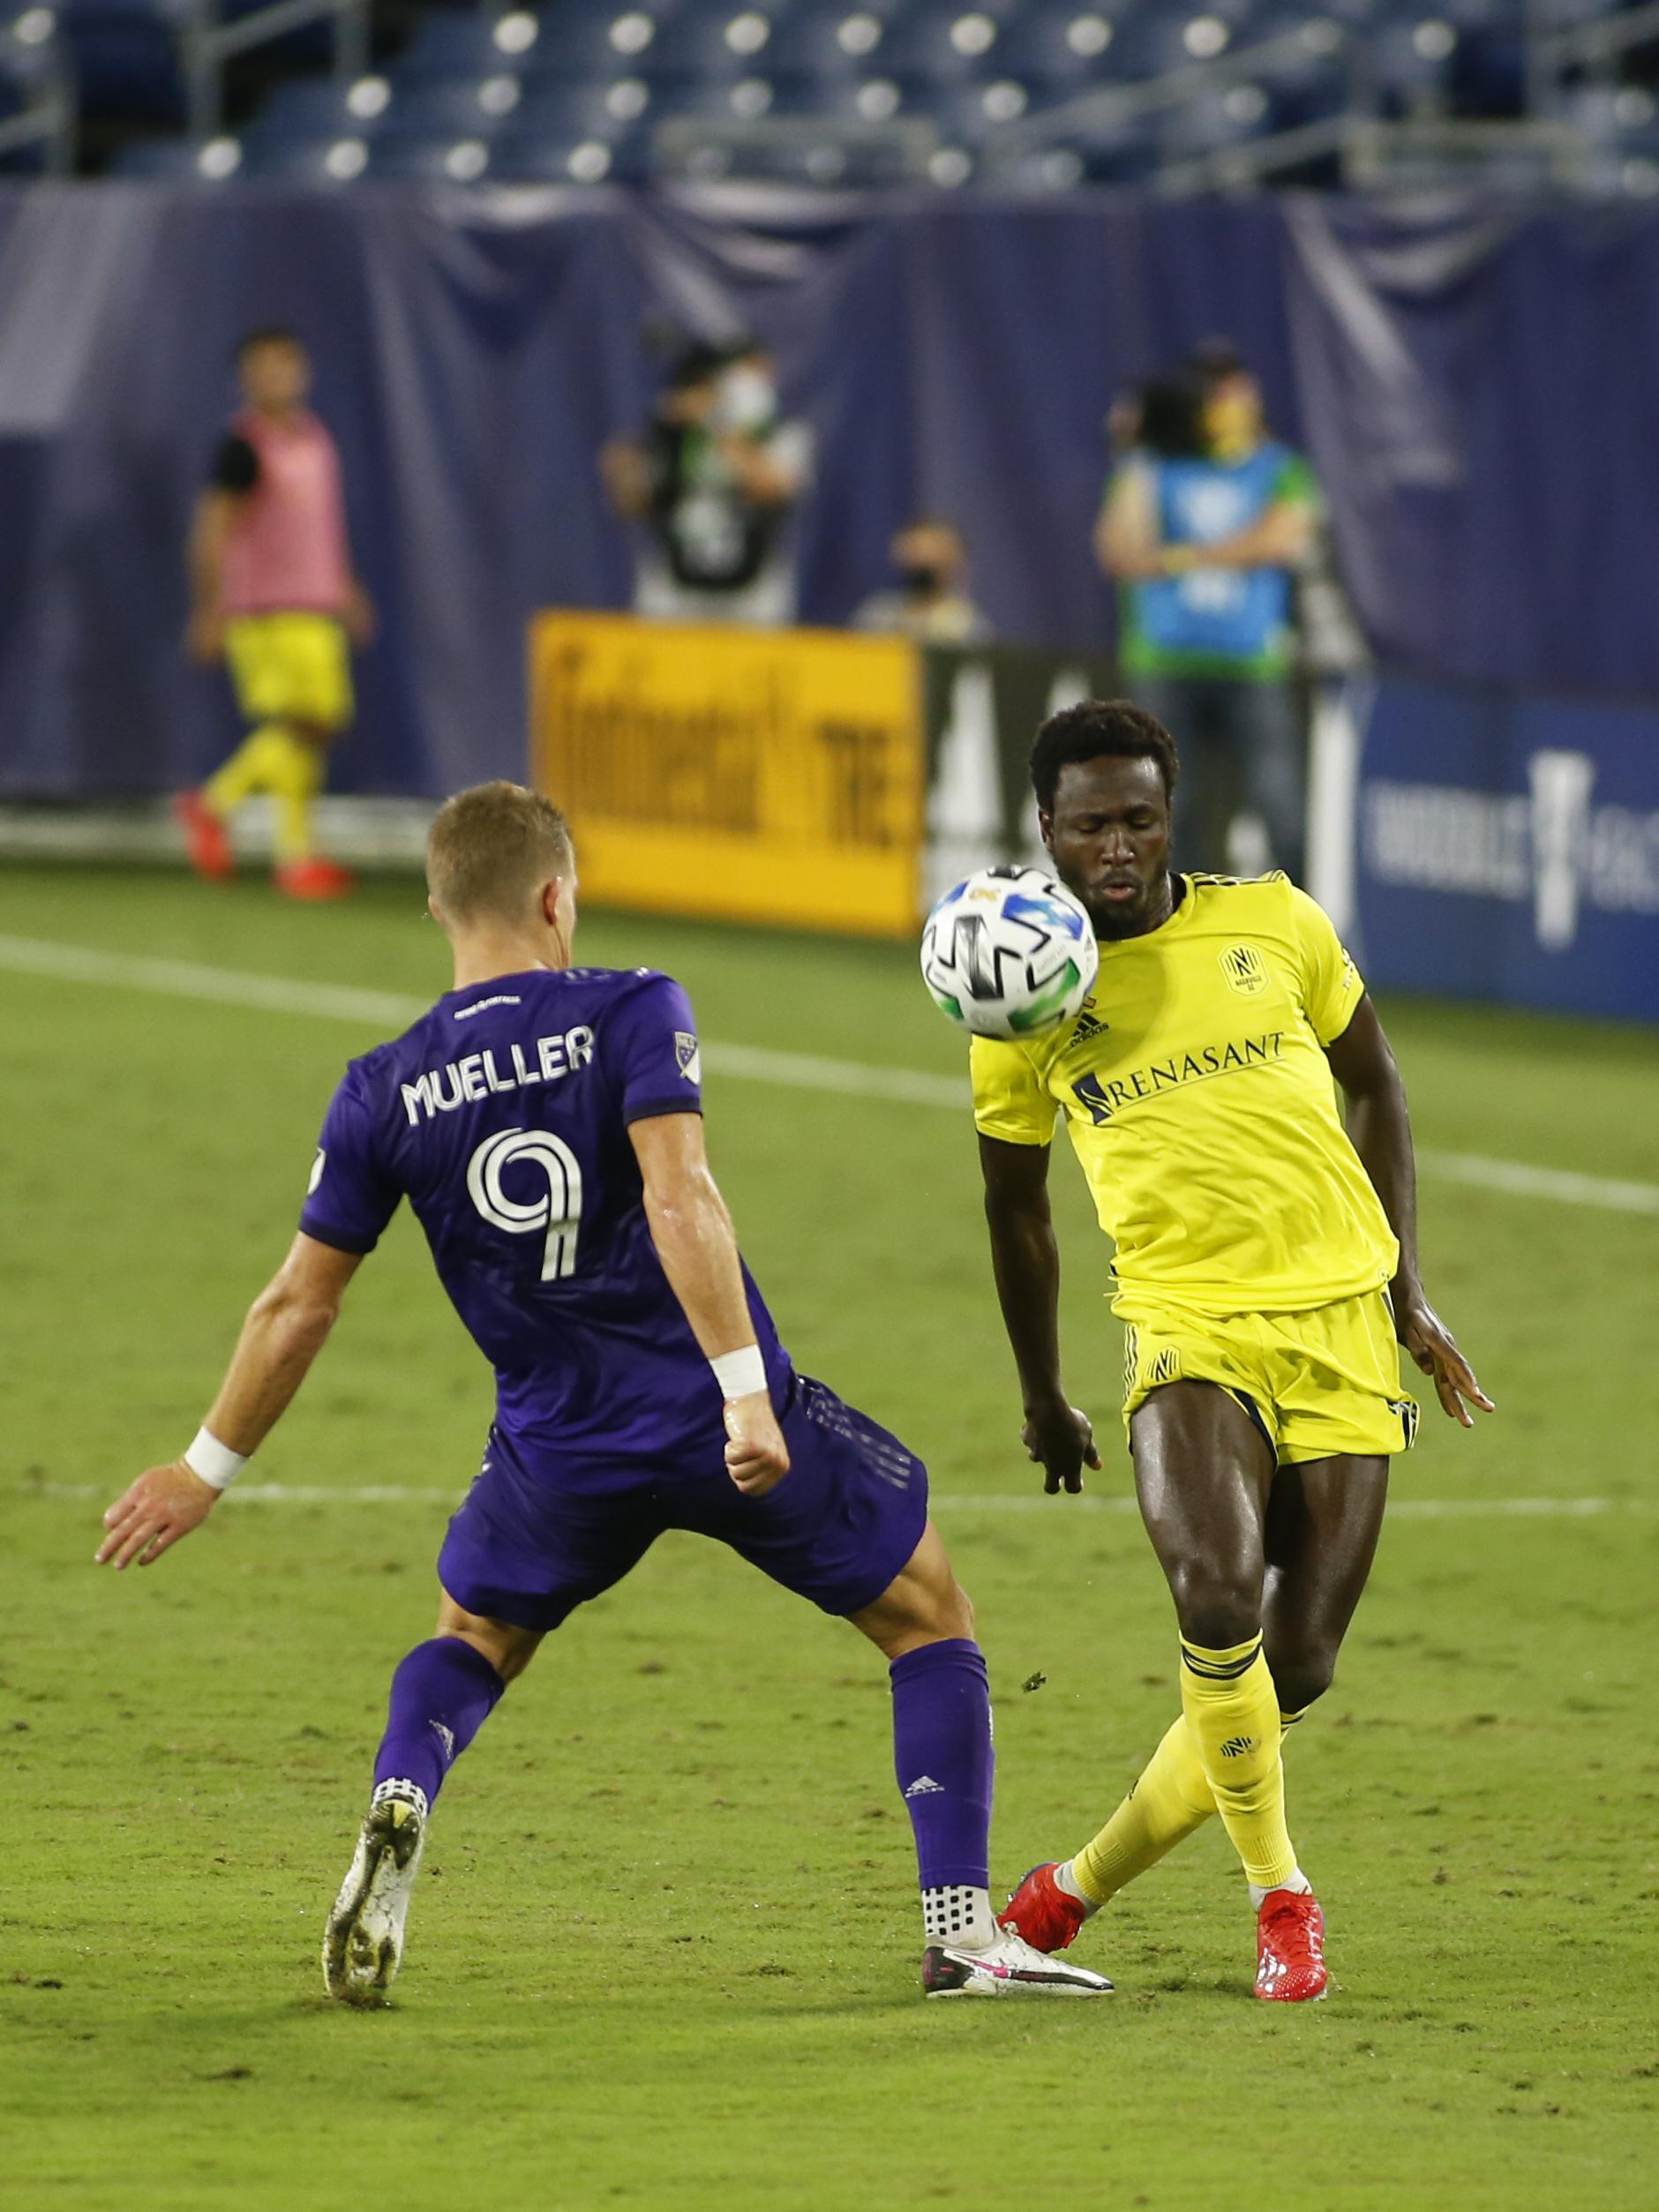 SOCCER: SEP 02 MLS Orlando City SC at Nashville SC